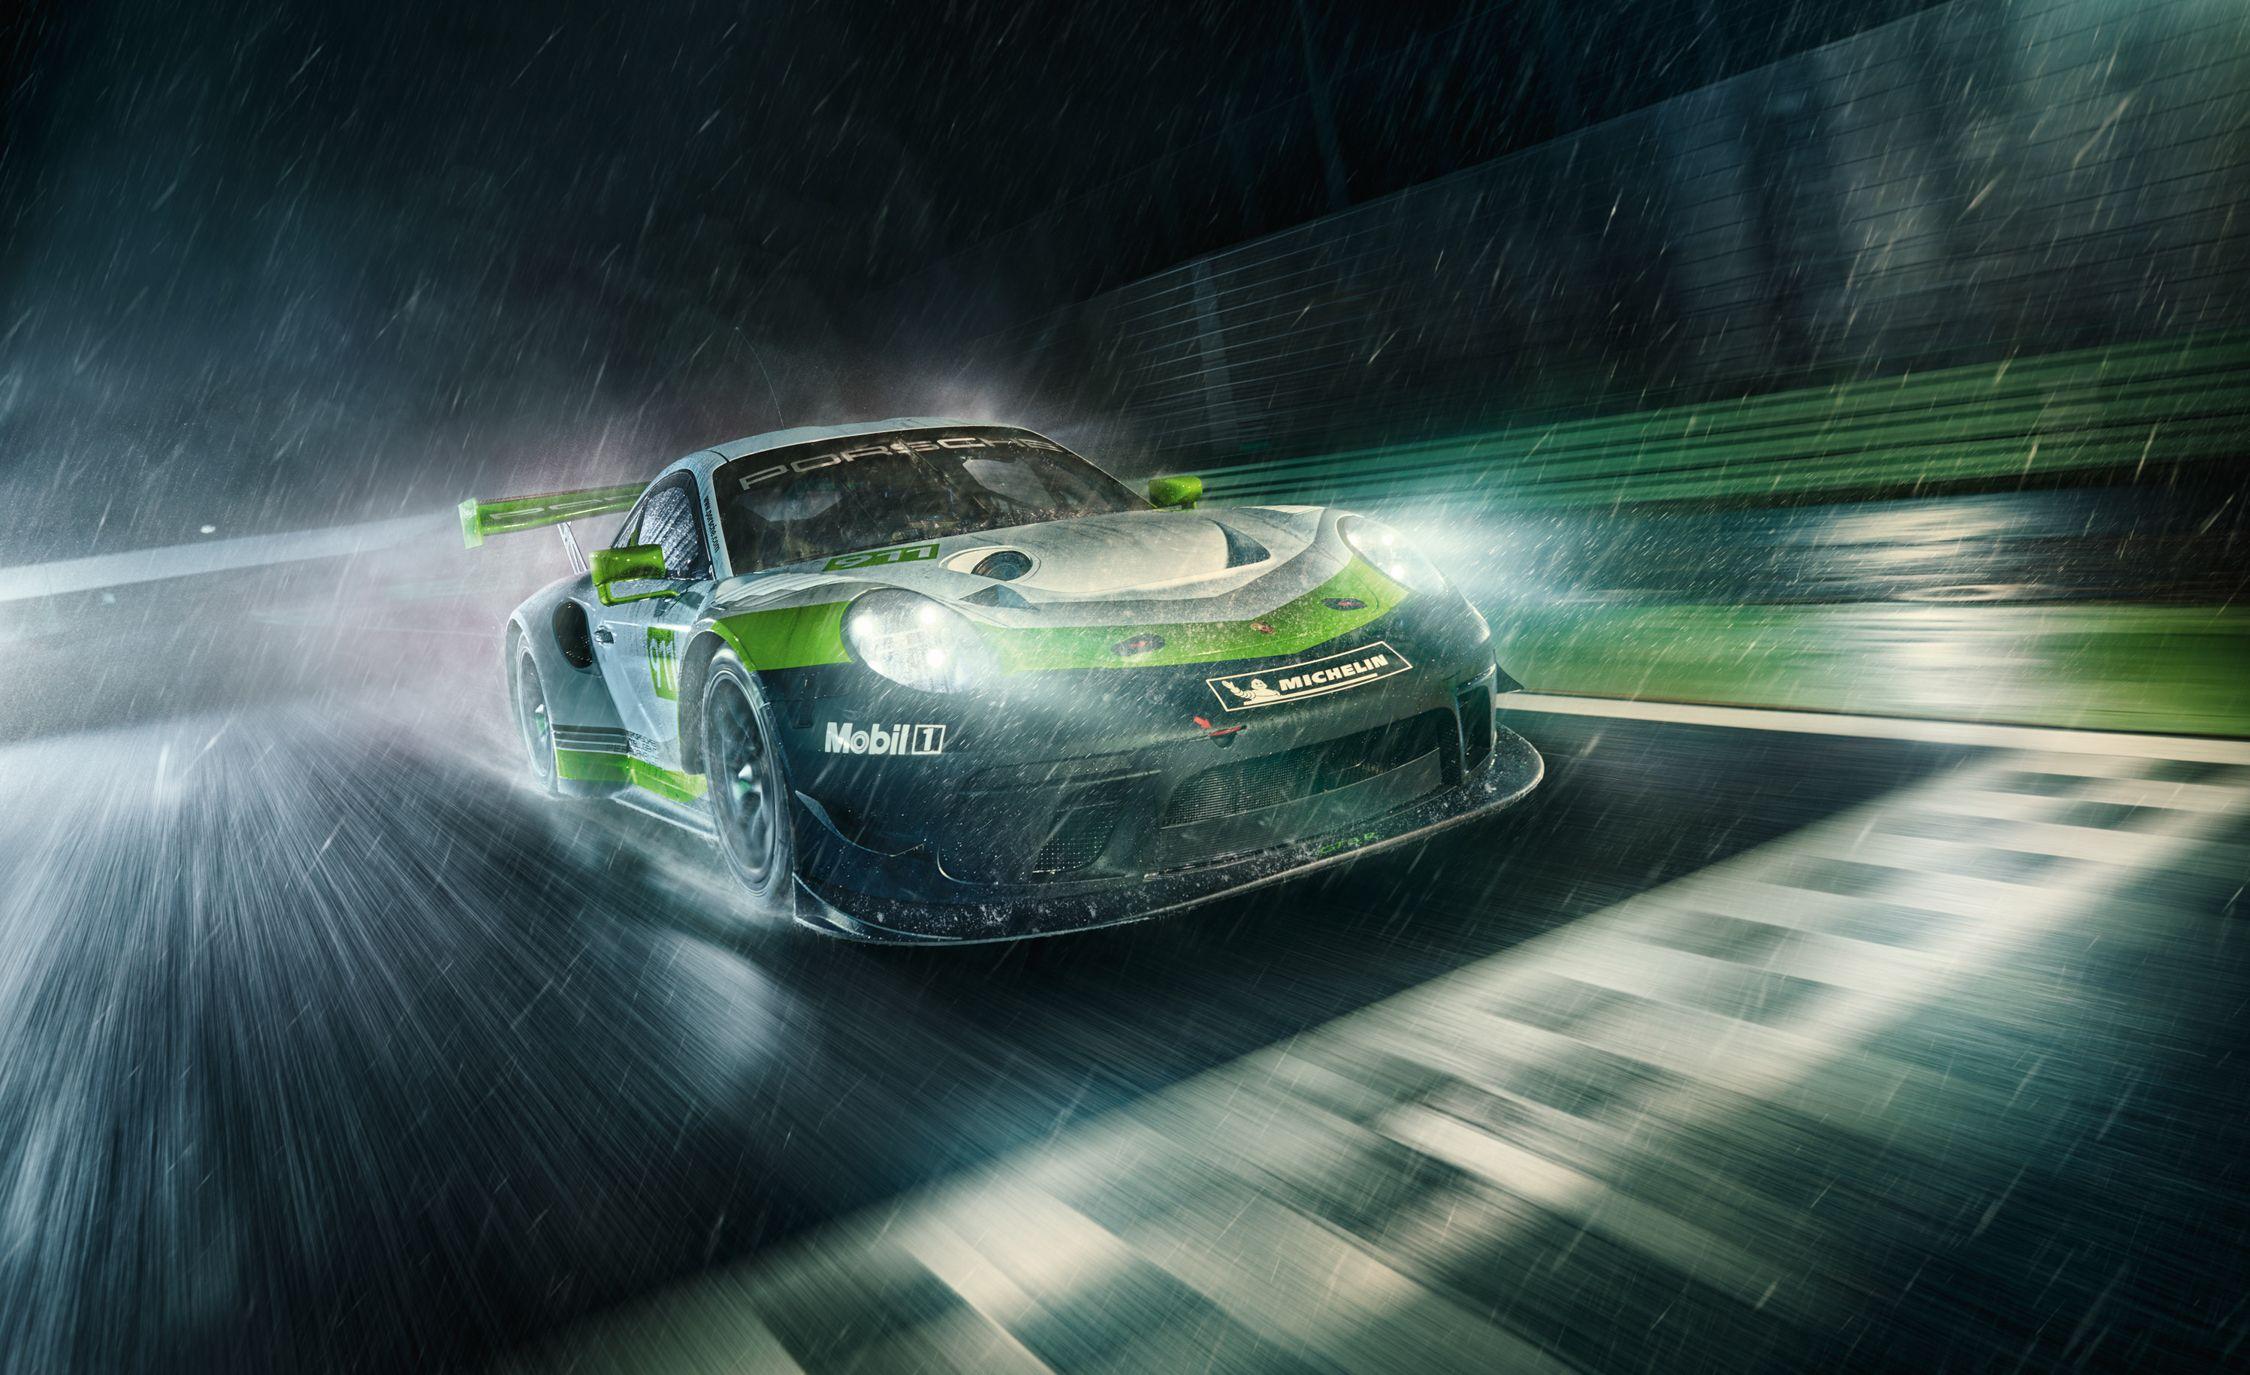 2019 Porsche 911 Gt3 R A More Comfortable Race Car News Car And